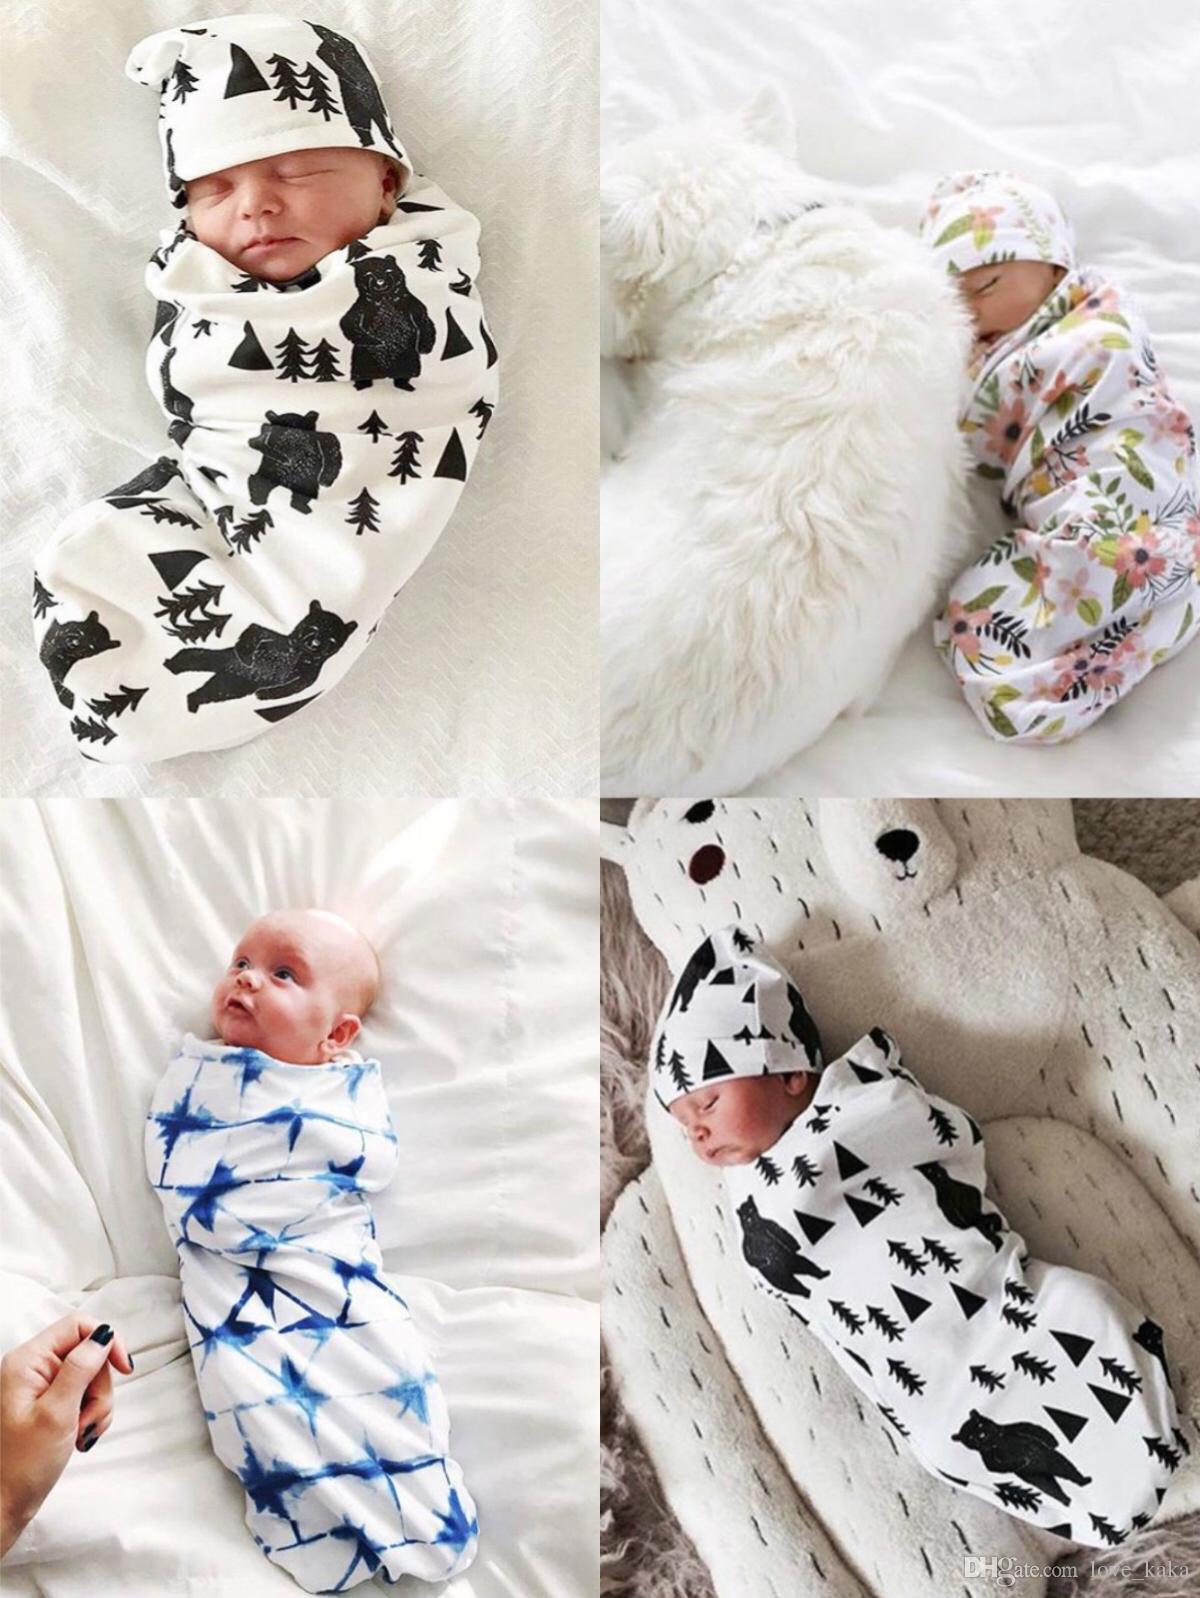 2019 신생아 아기 담요 아기 담요 + 모자와 함께 비누 Soft Cotton Sleep Sack 투피스 세트 슬리핑 백 11colors